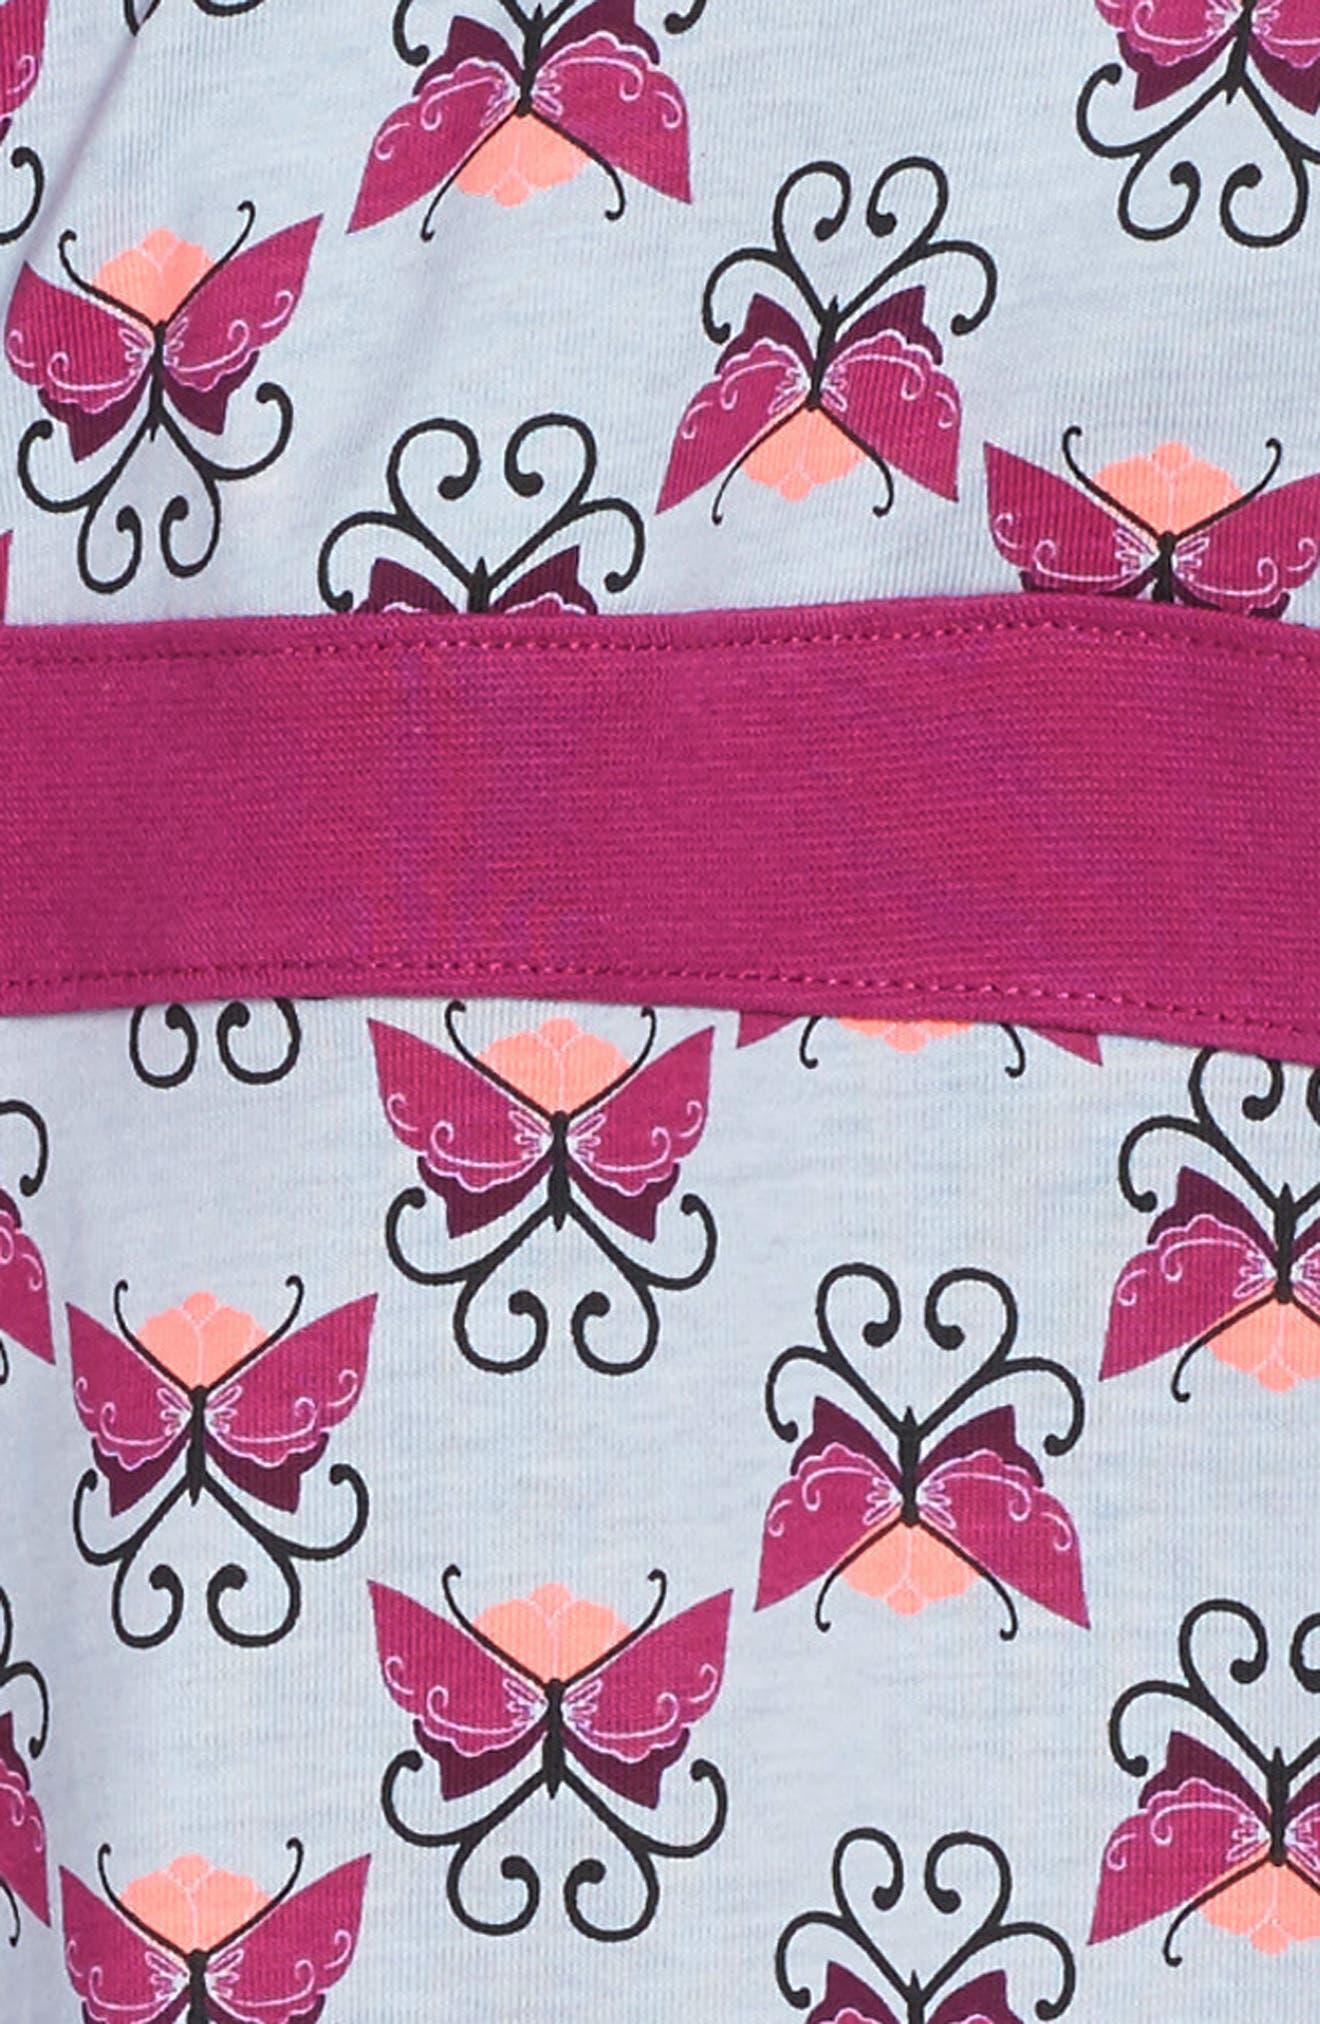 Beitiris Print Wrap Neck Dress,                             Alternate thumbnail 2, color,                             Horizon